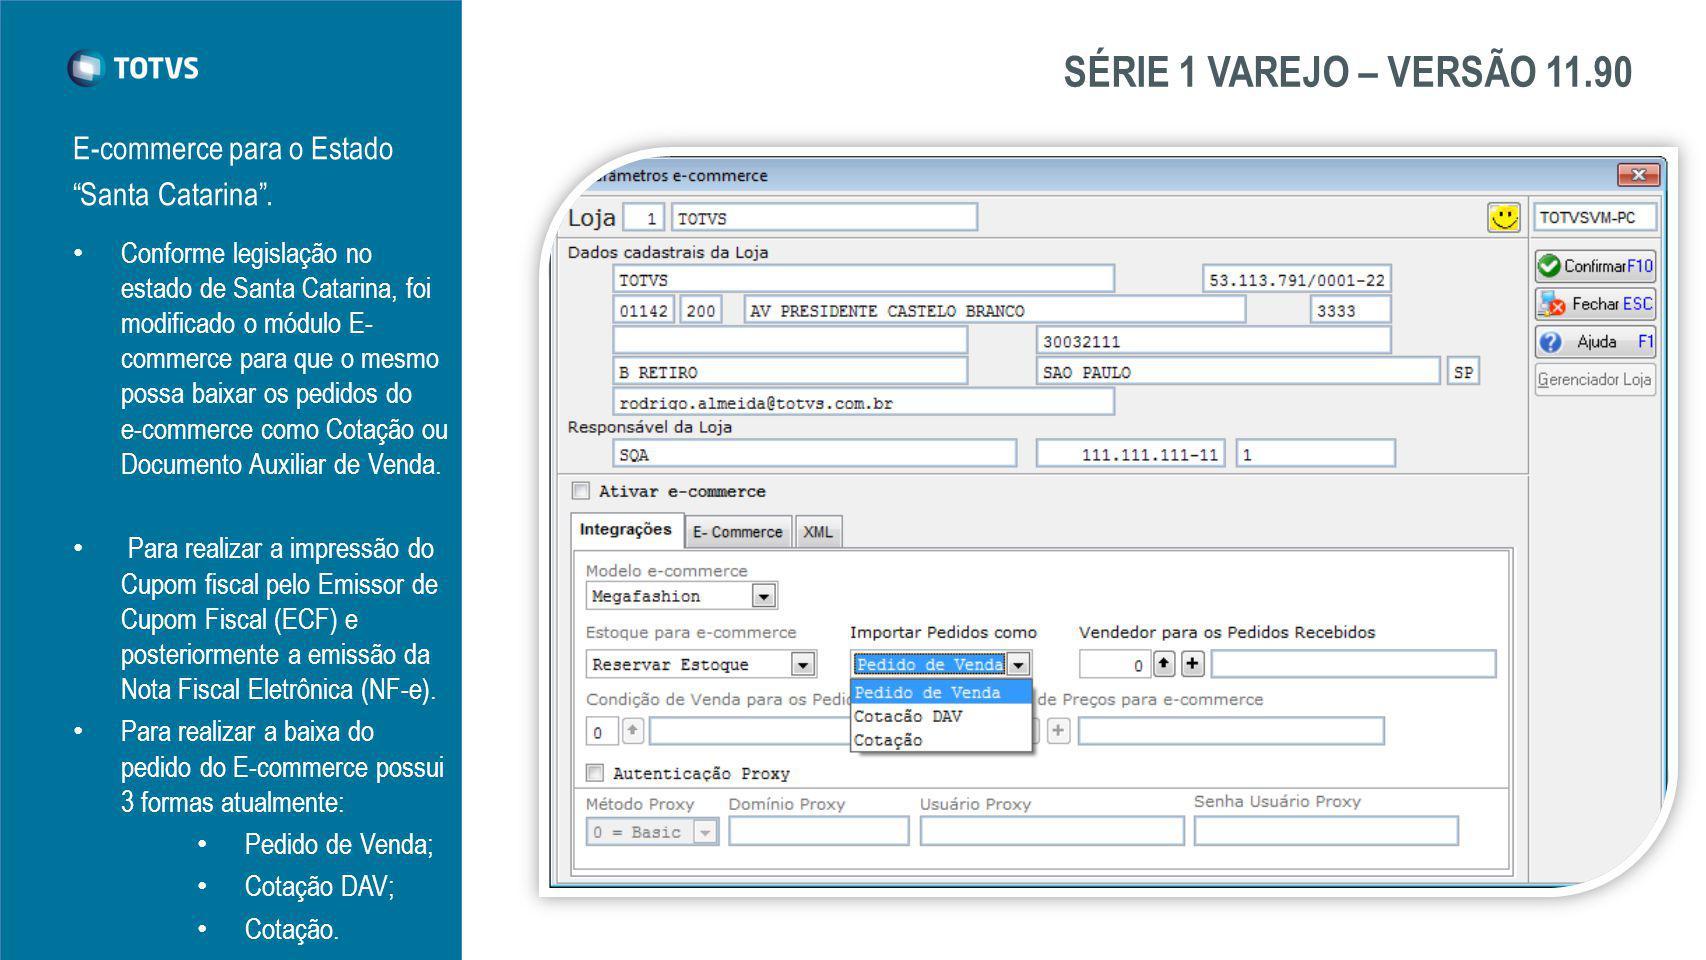 SÉRIE 1 VAREJO – VERSÃO 11.90 E-commerce para o Estado